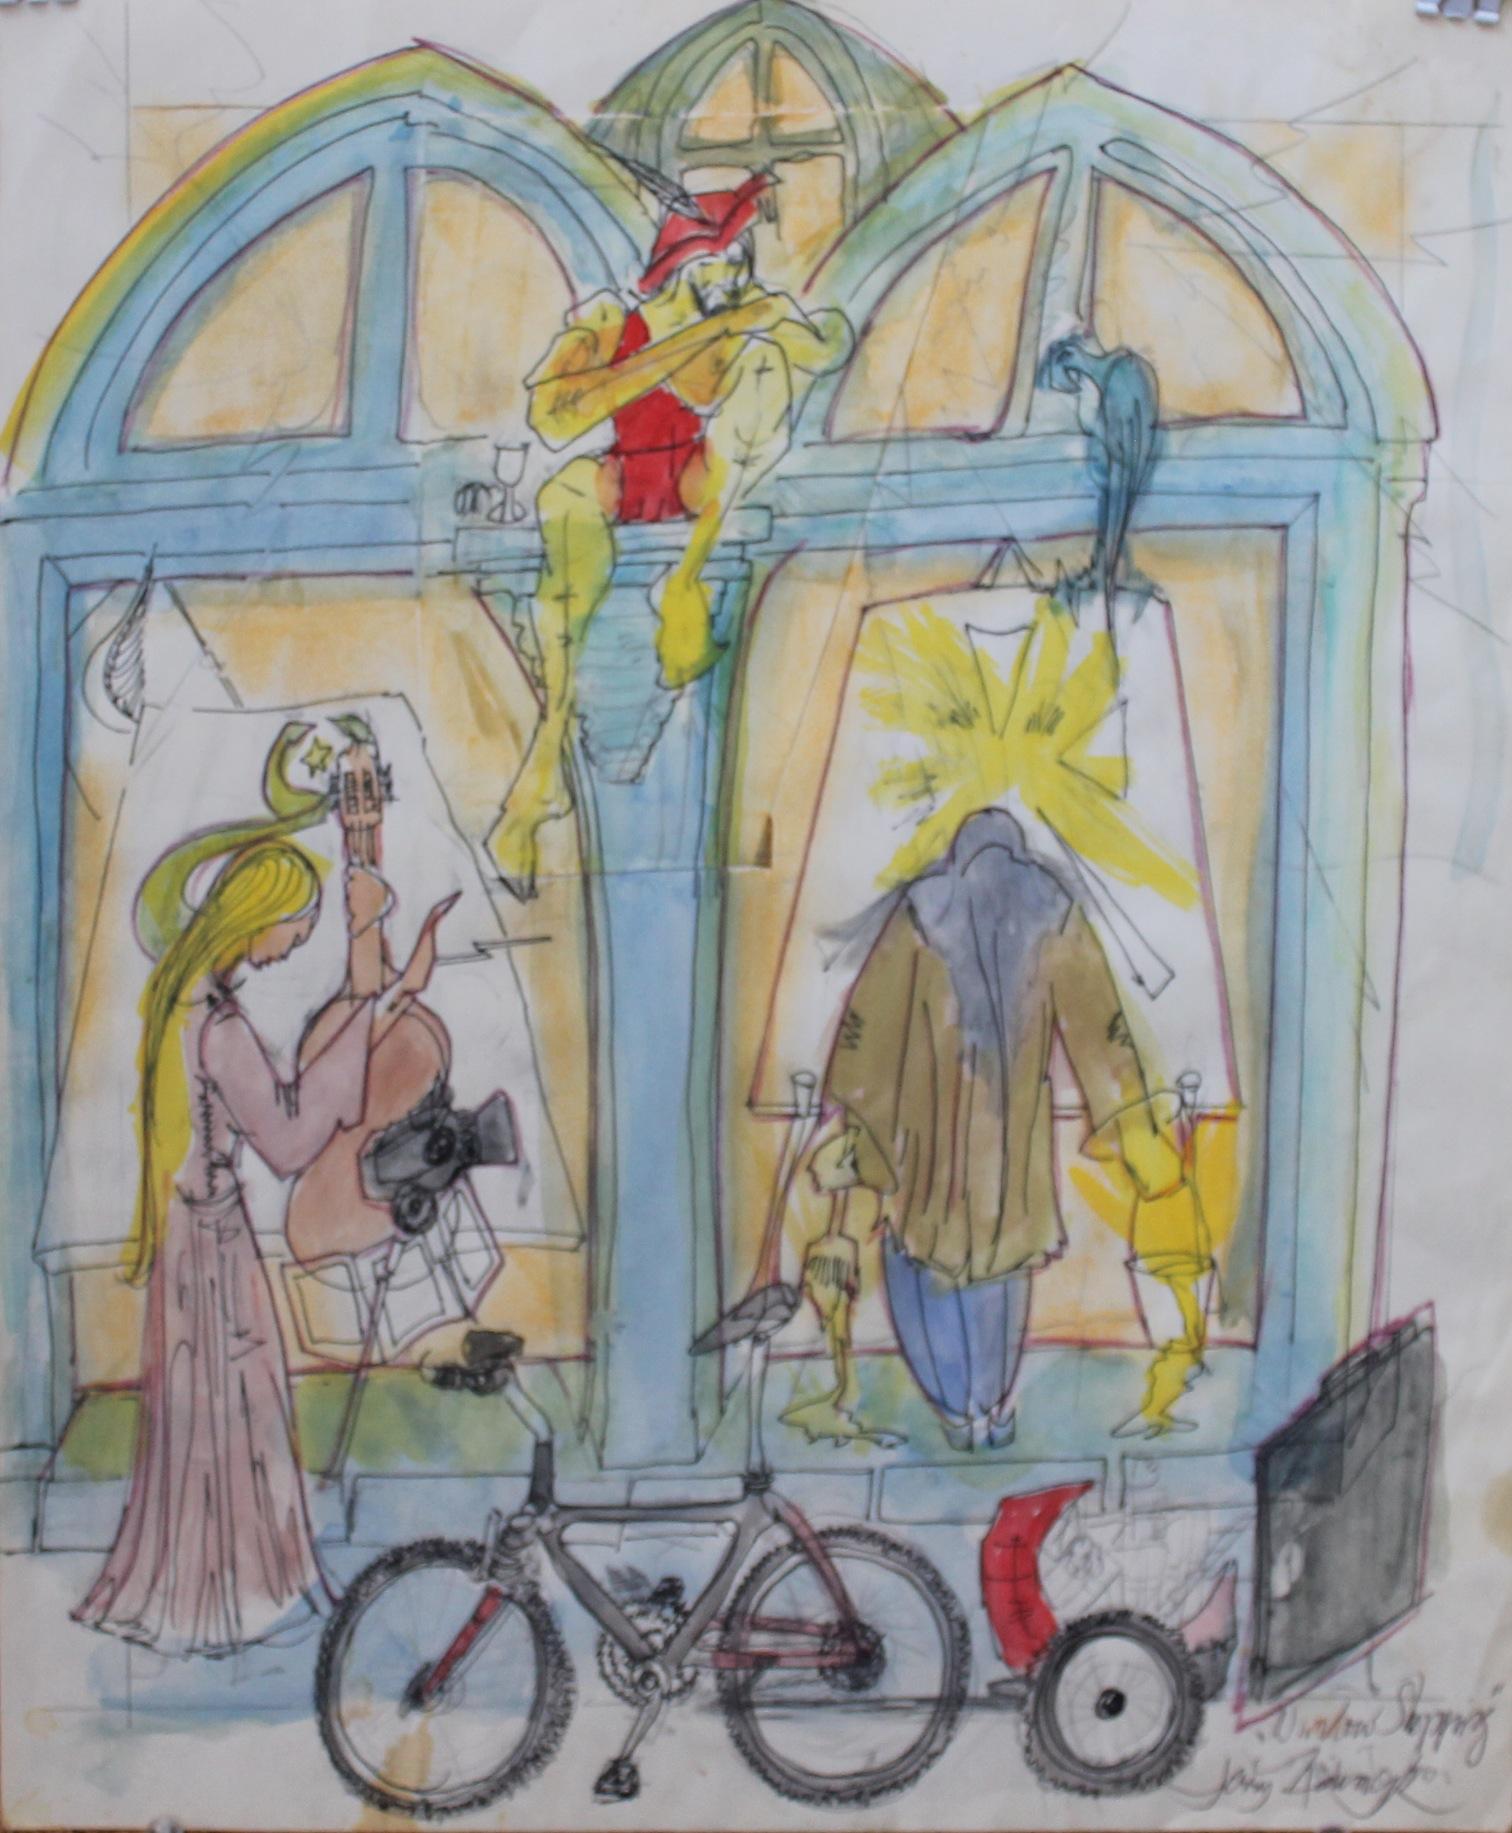 aquarelle de la façade de PARC avec bicyclette et visages